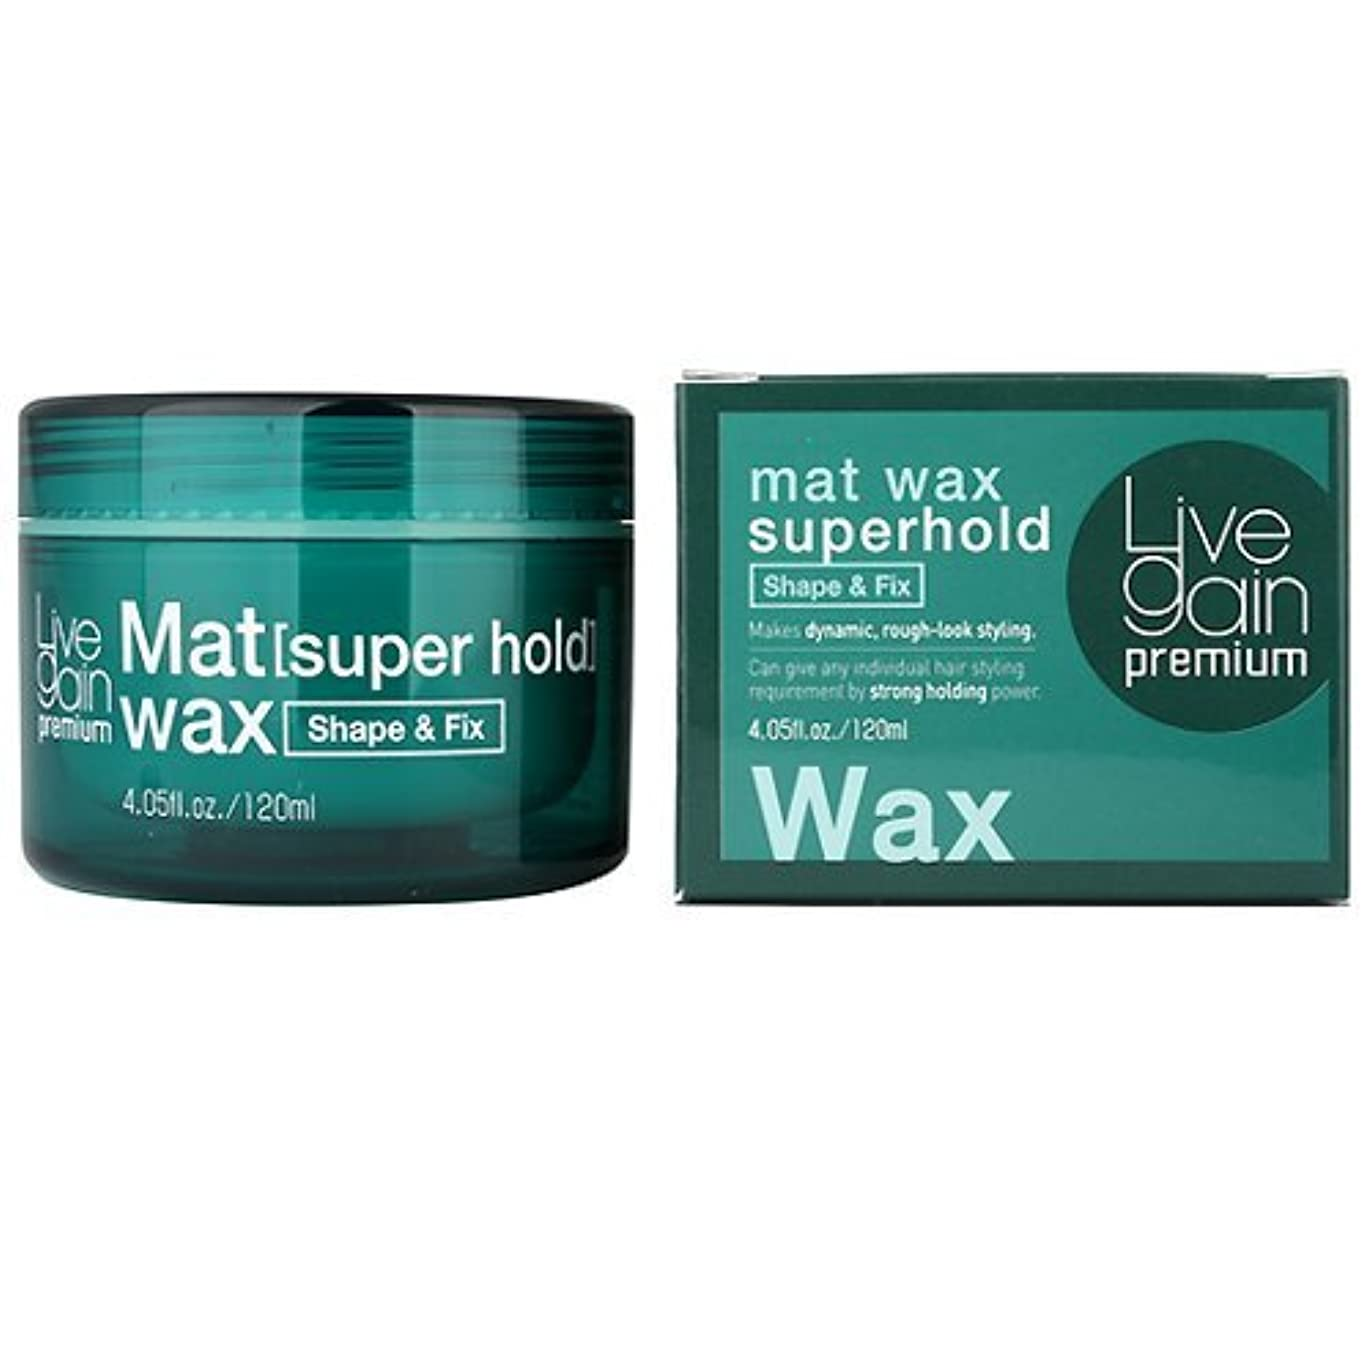 分析遠近法行Livegain プレミアム マット ワックス スーパーホールド 120ml マット ヘア ワックス ストロング ホールド (Premium Mat Wax Superhold 120ml Matte Hair wax...